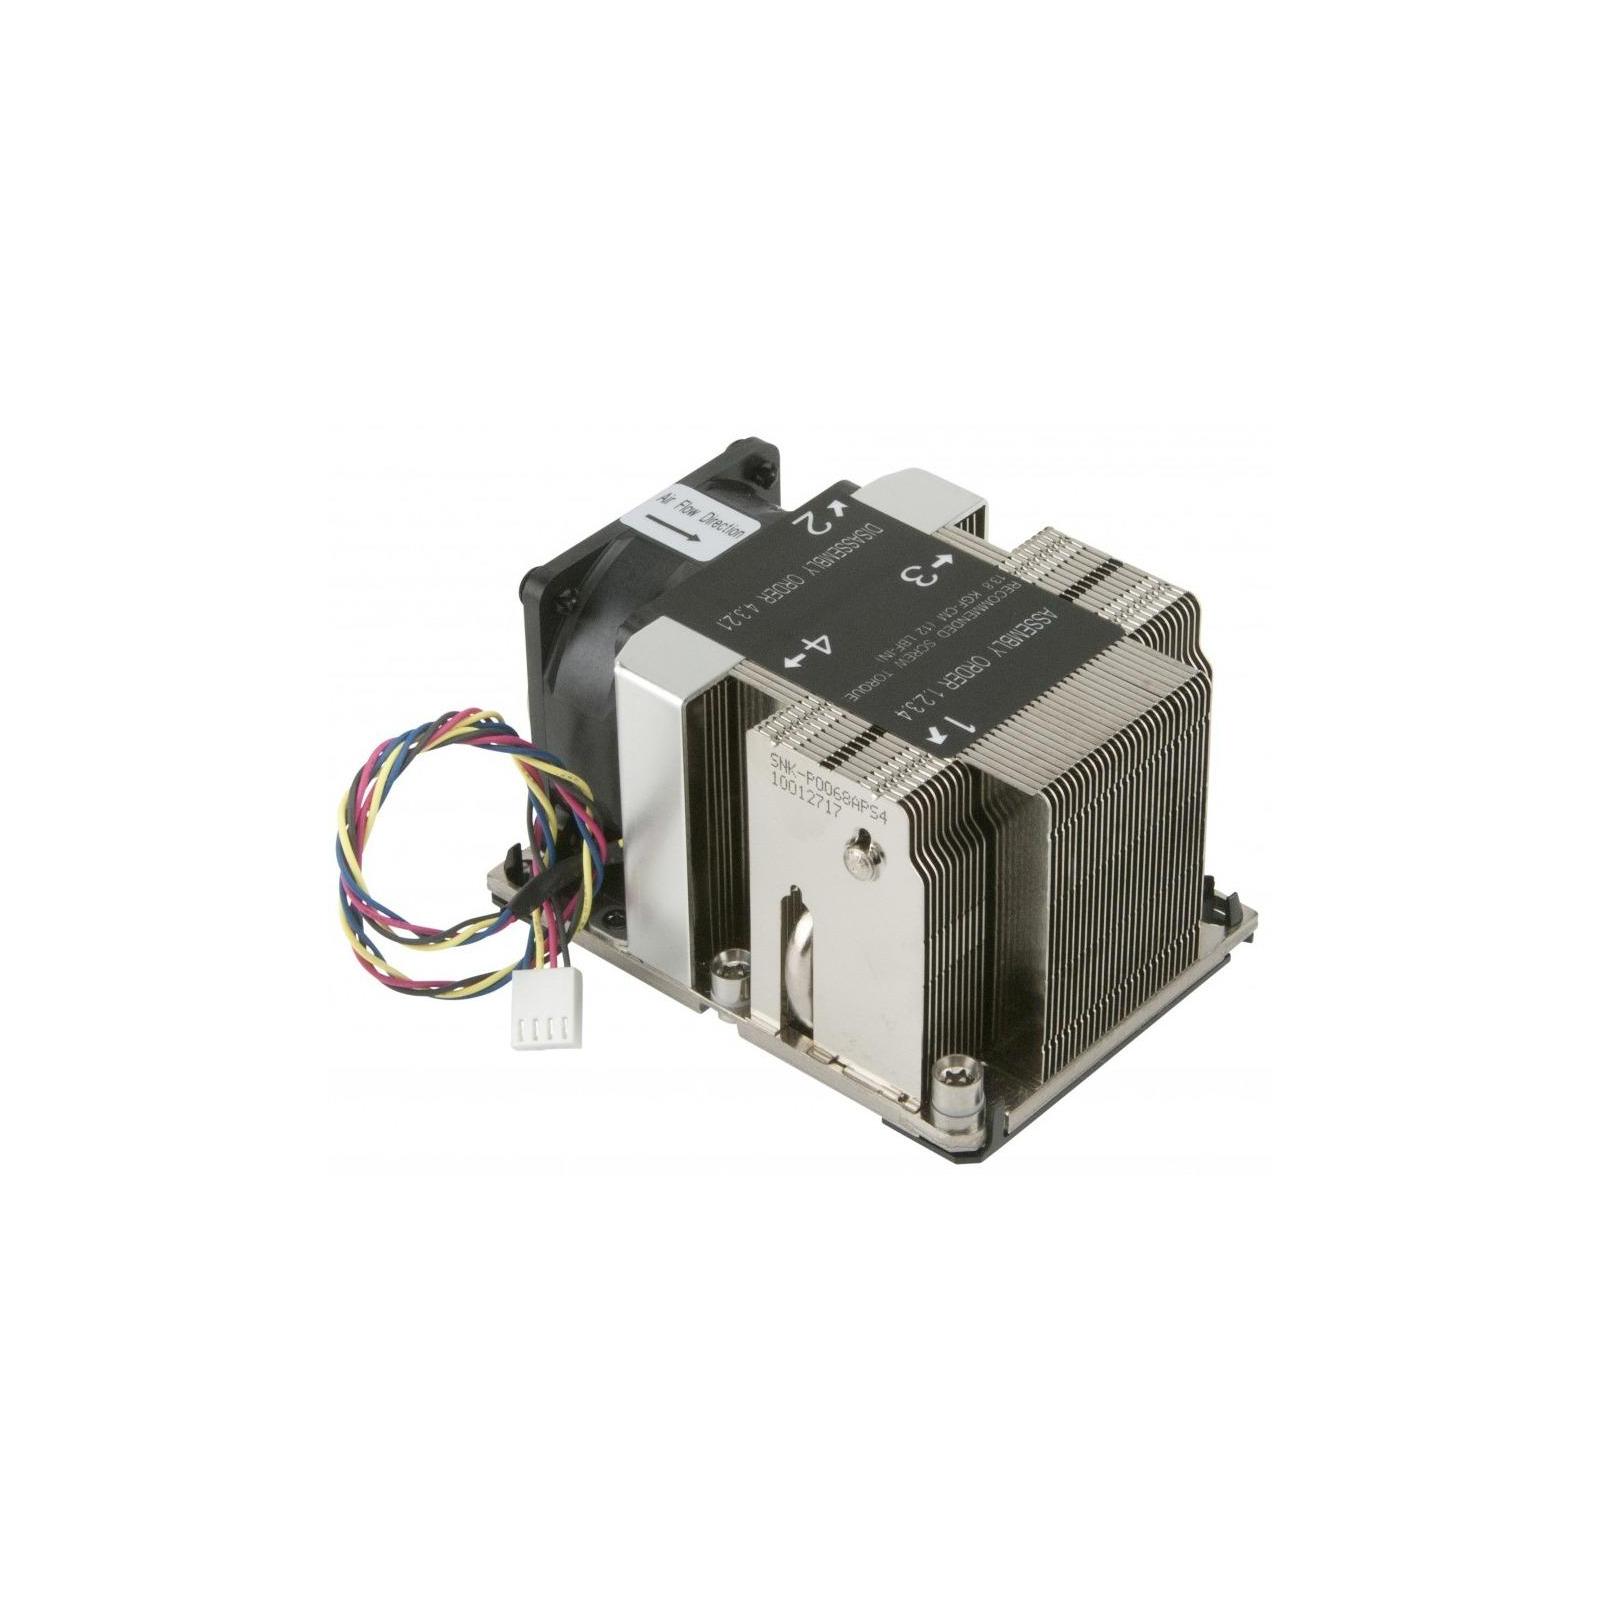 Кулер для процессора Supermicro SNK-P0068APS4 изображение 2